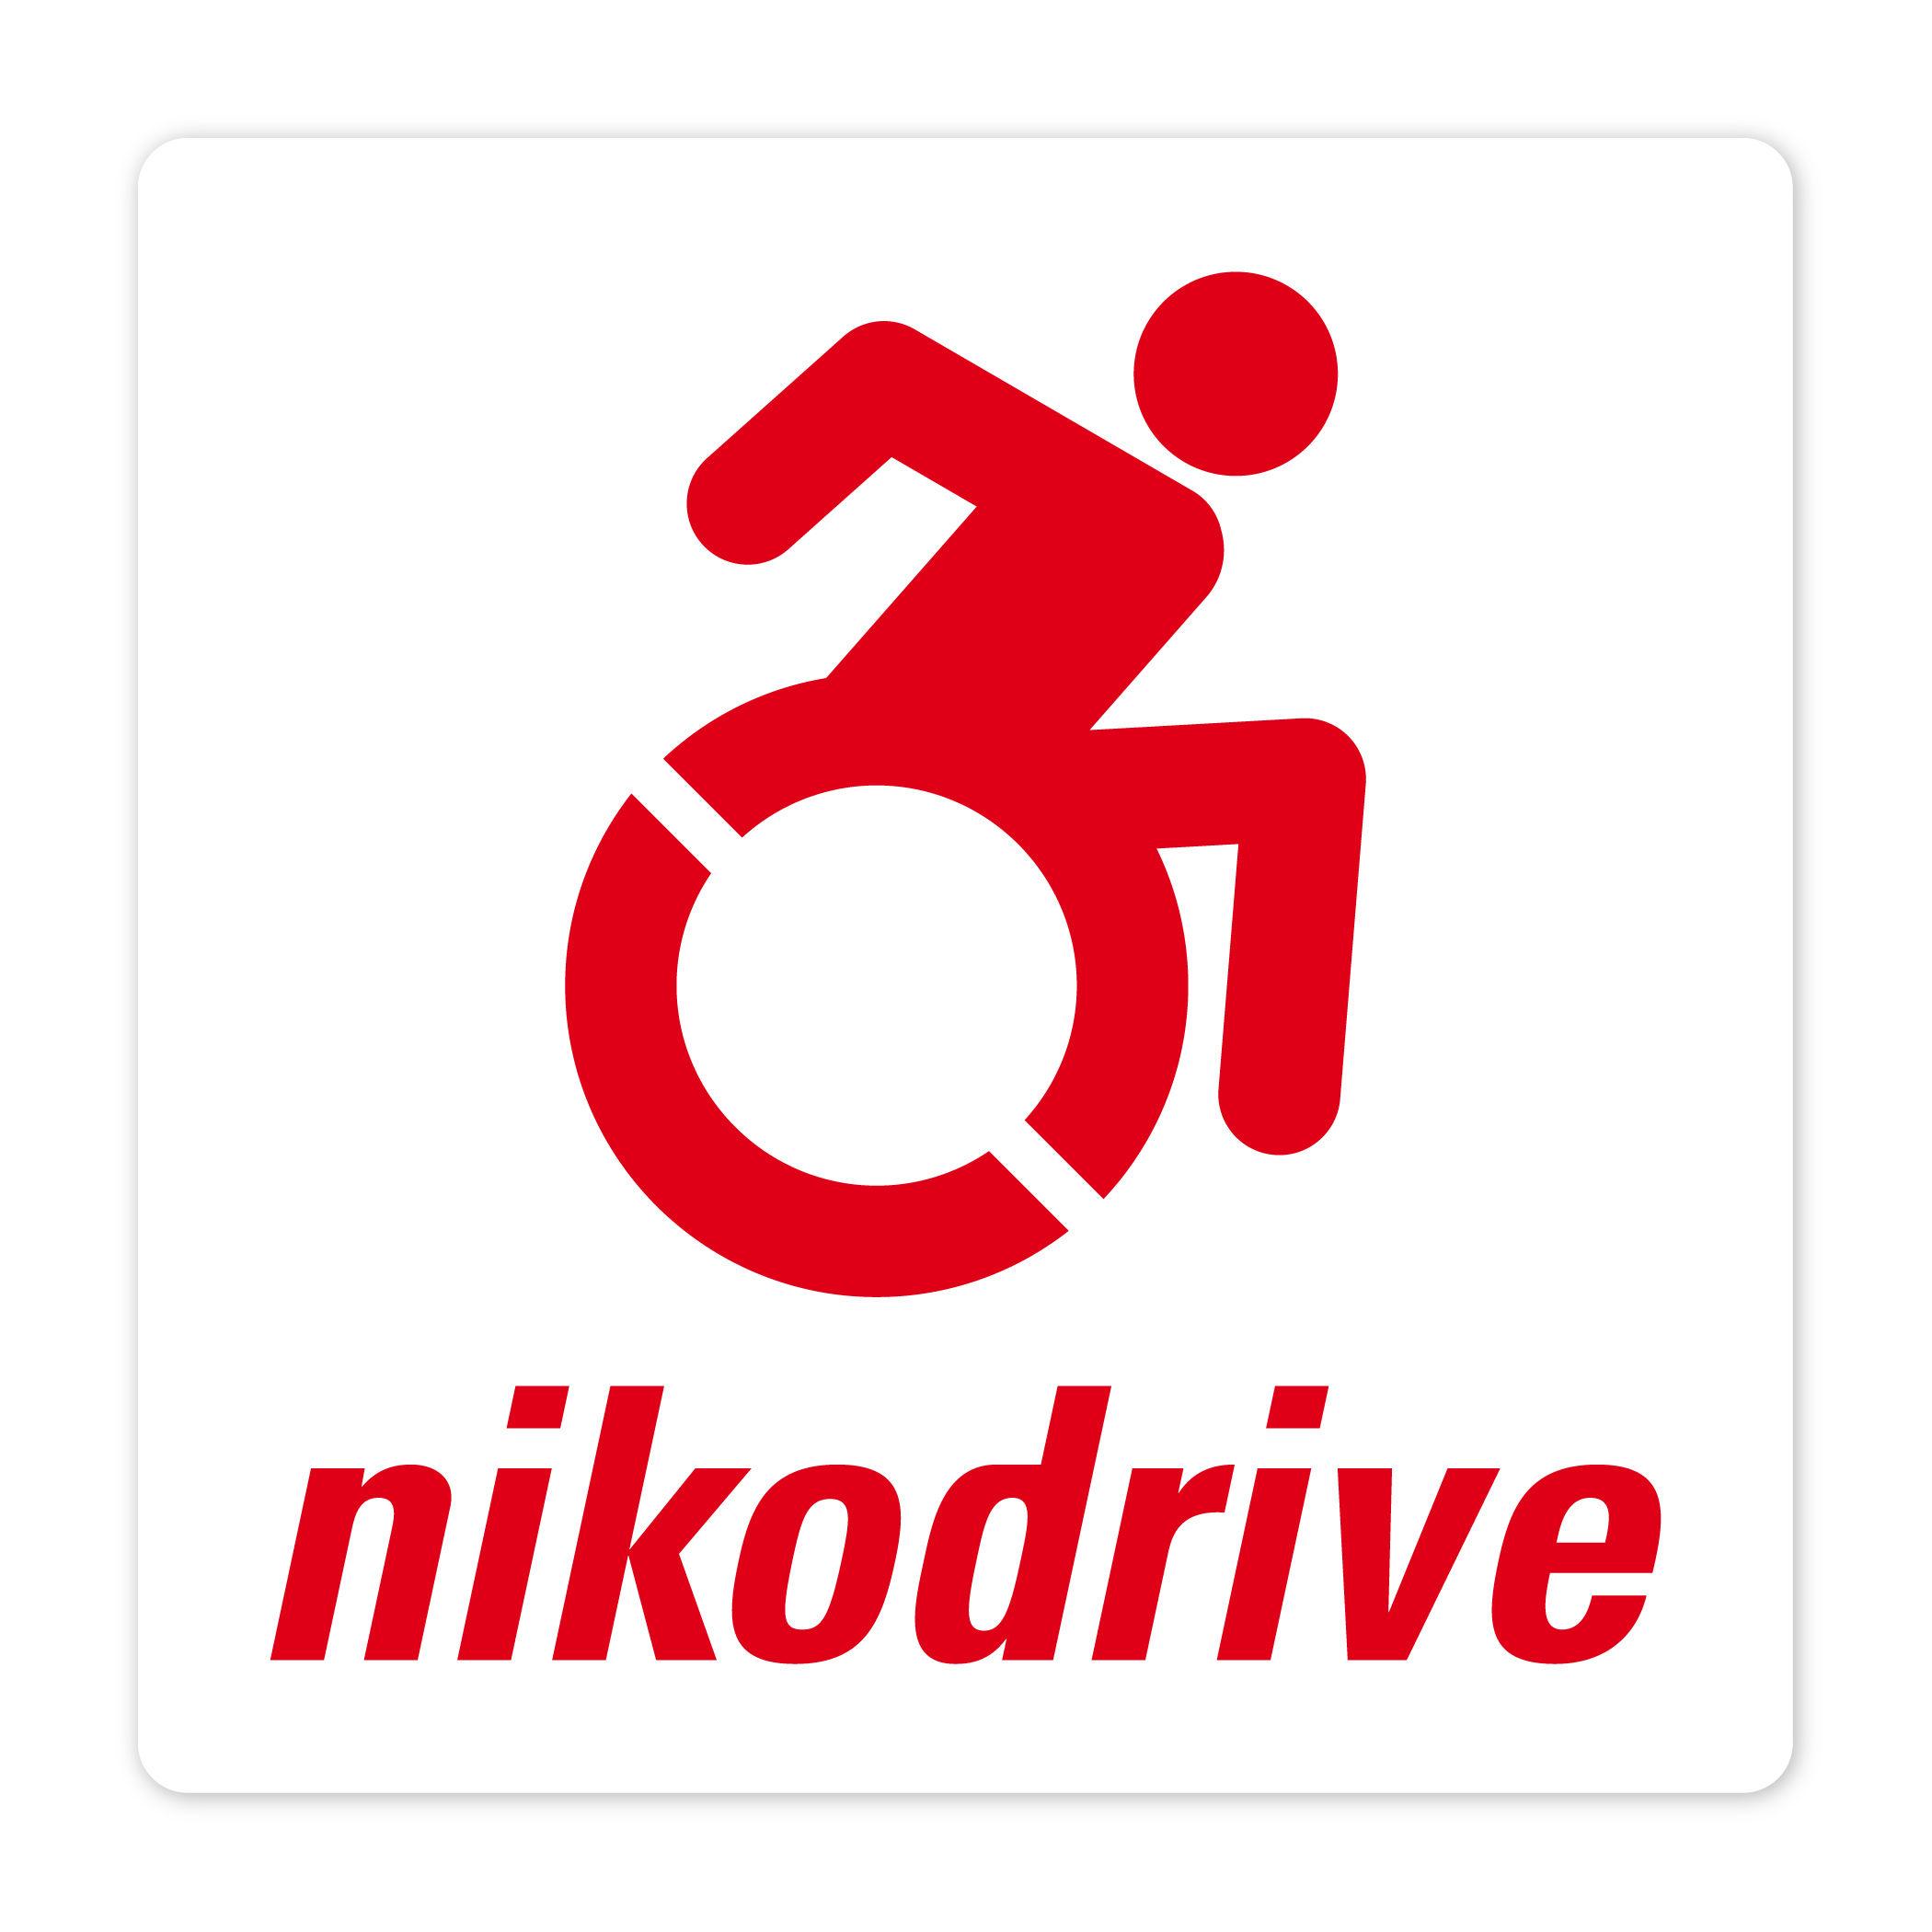 ニコ・ドライブ アクセシブルアイコンステッカー【送料込】